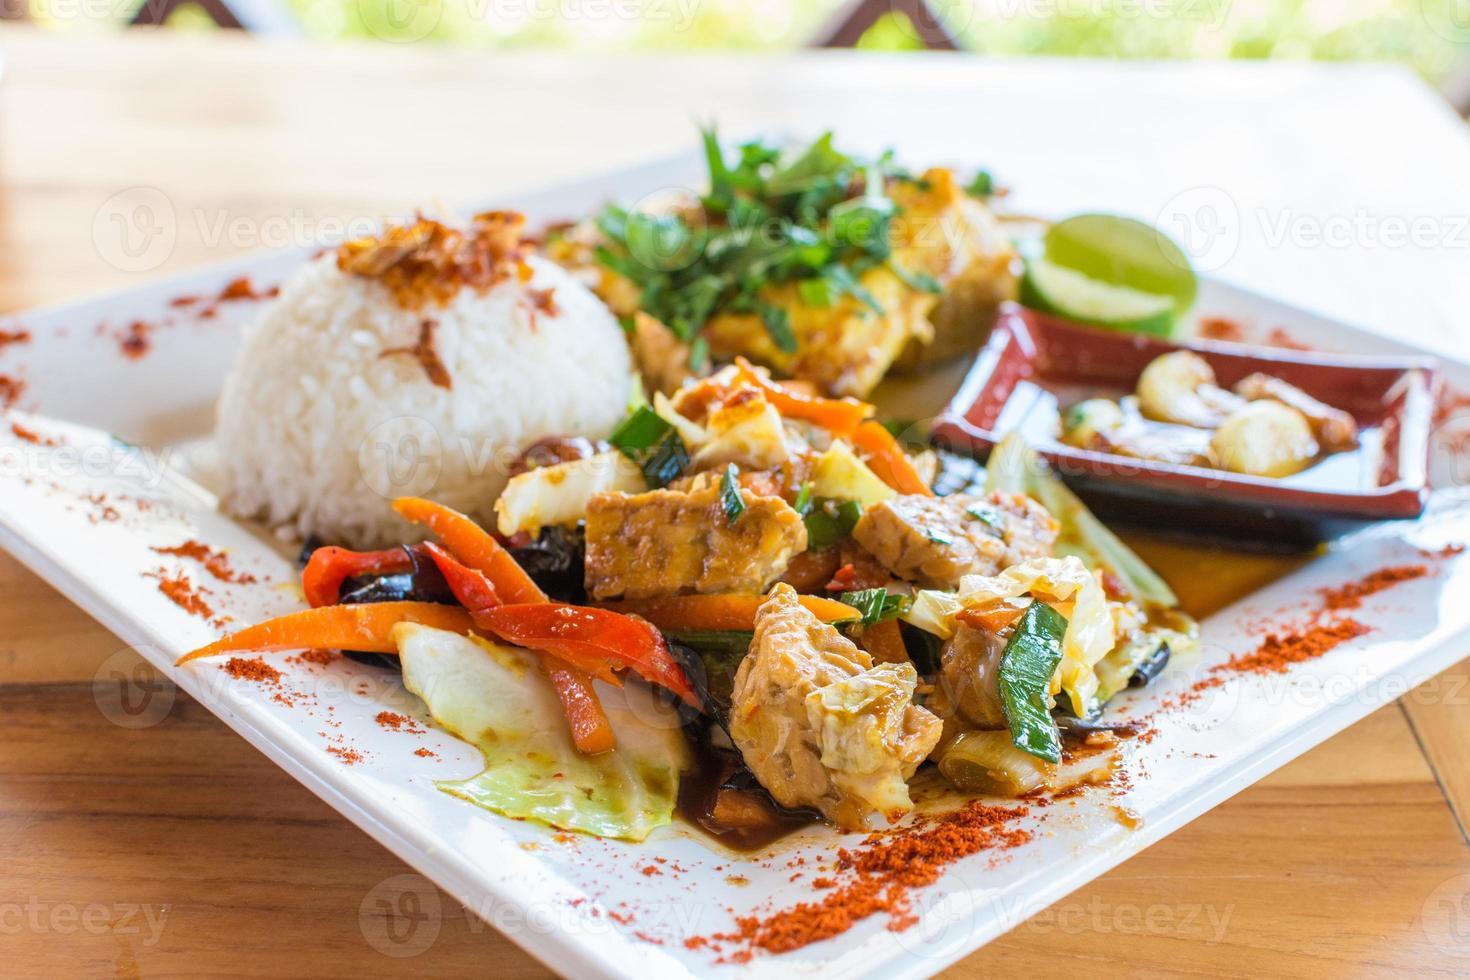 cozinha balinesa tradicional. legumes e frango salteados com arroz. foto